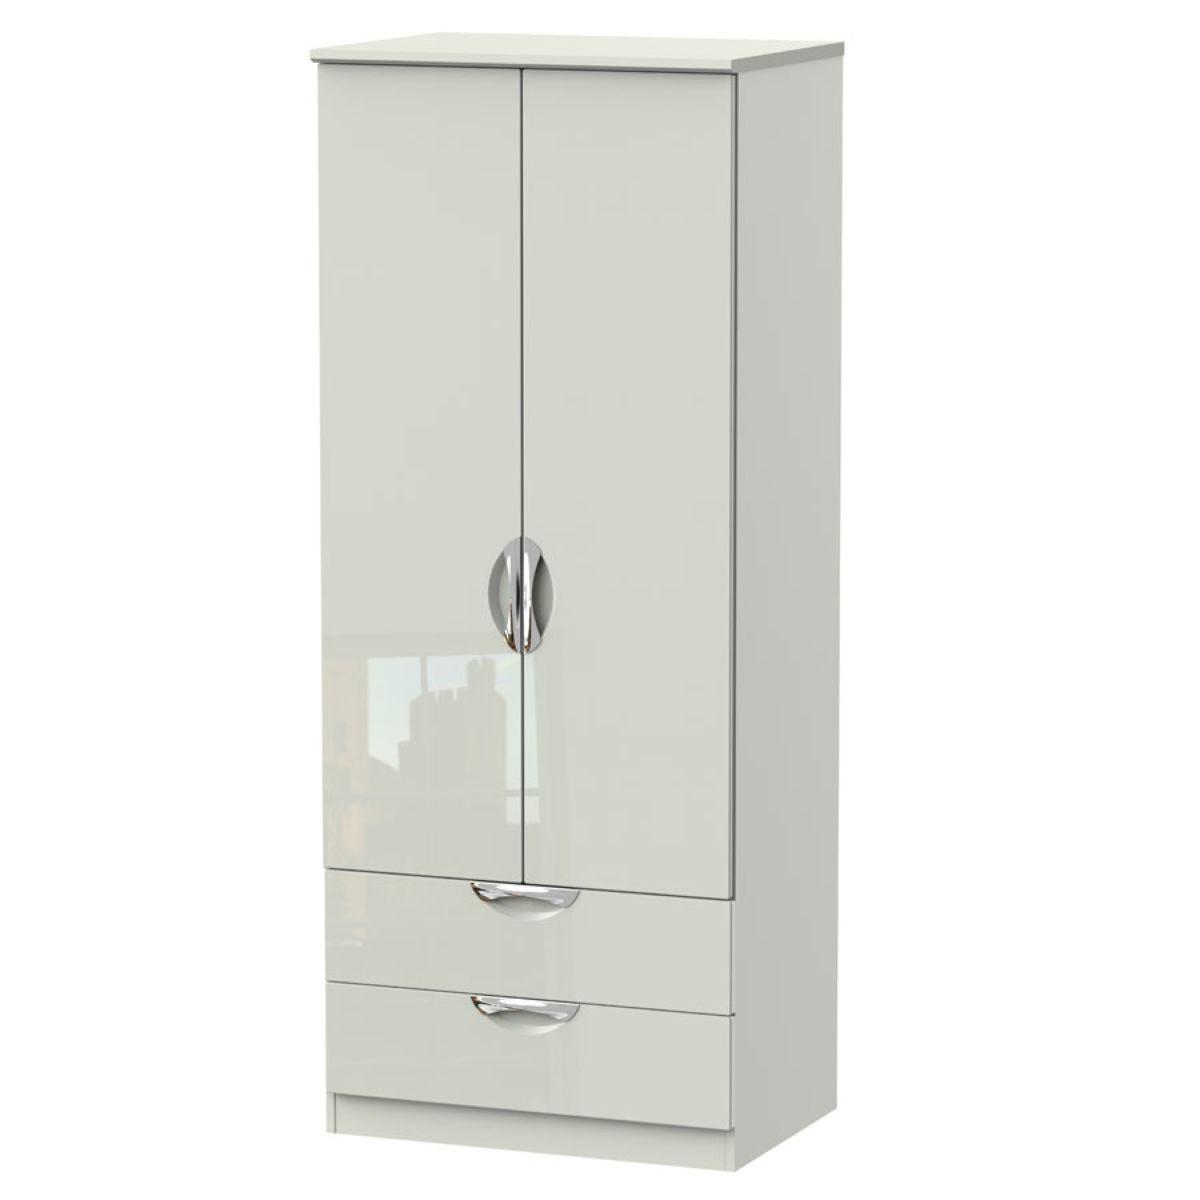 Indices 2-Door, 2-Drawer Wardrobe - White/Grey